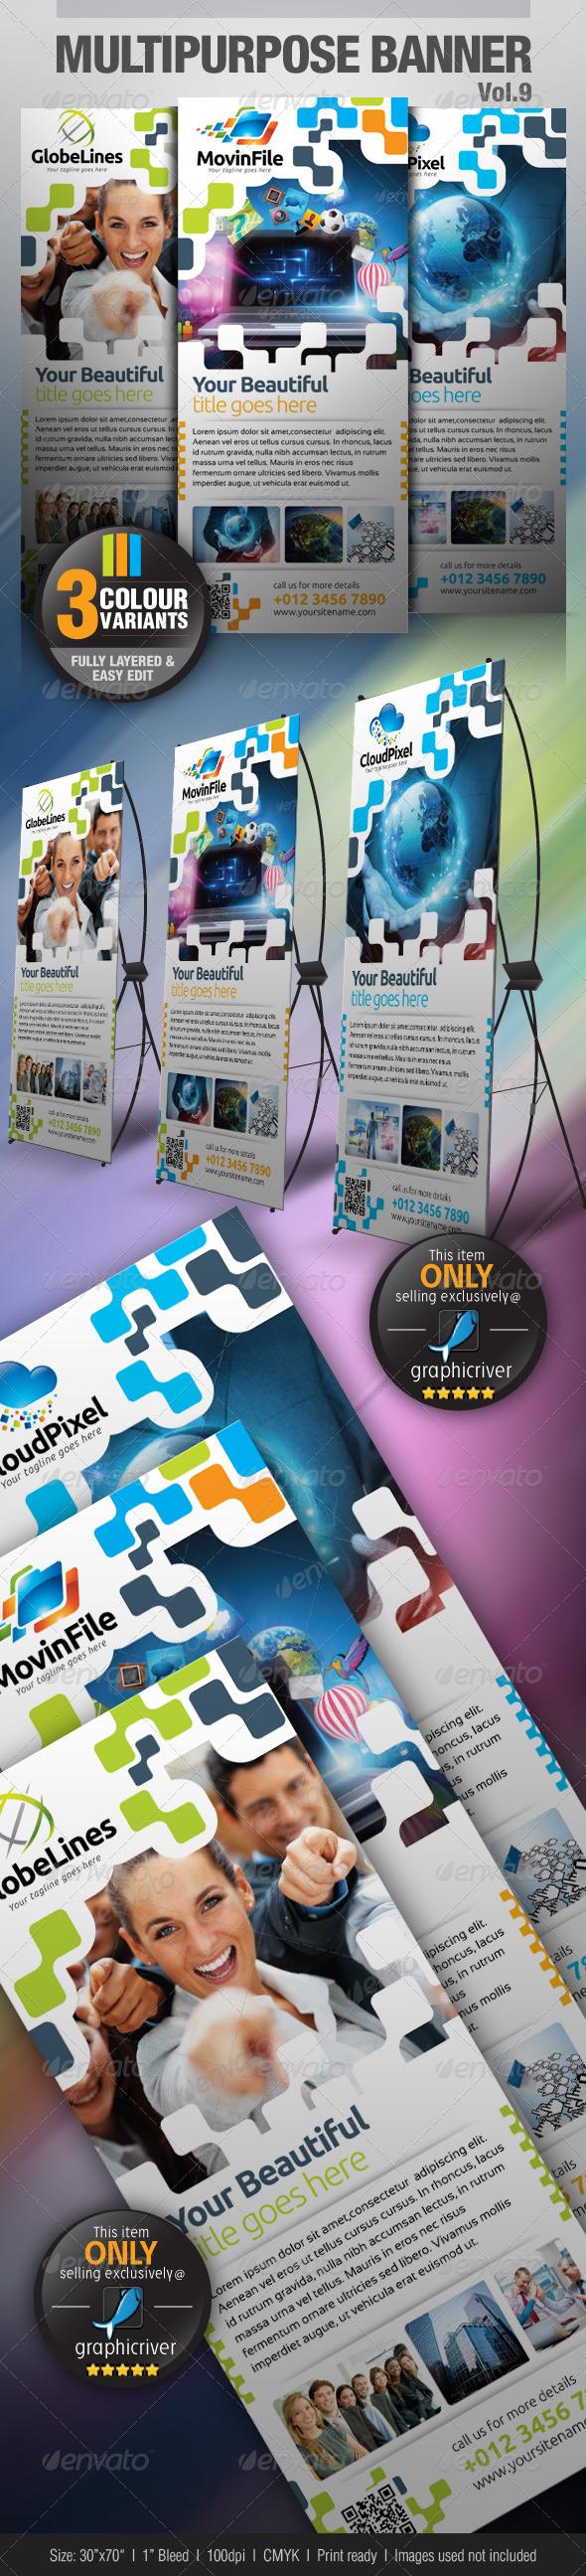 GraphicRiver Multipurpose Banner Vol.7 4597821